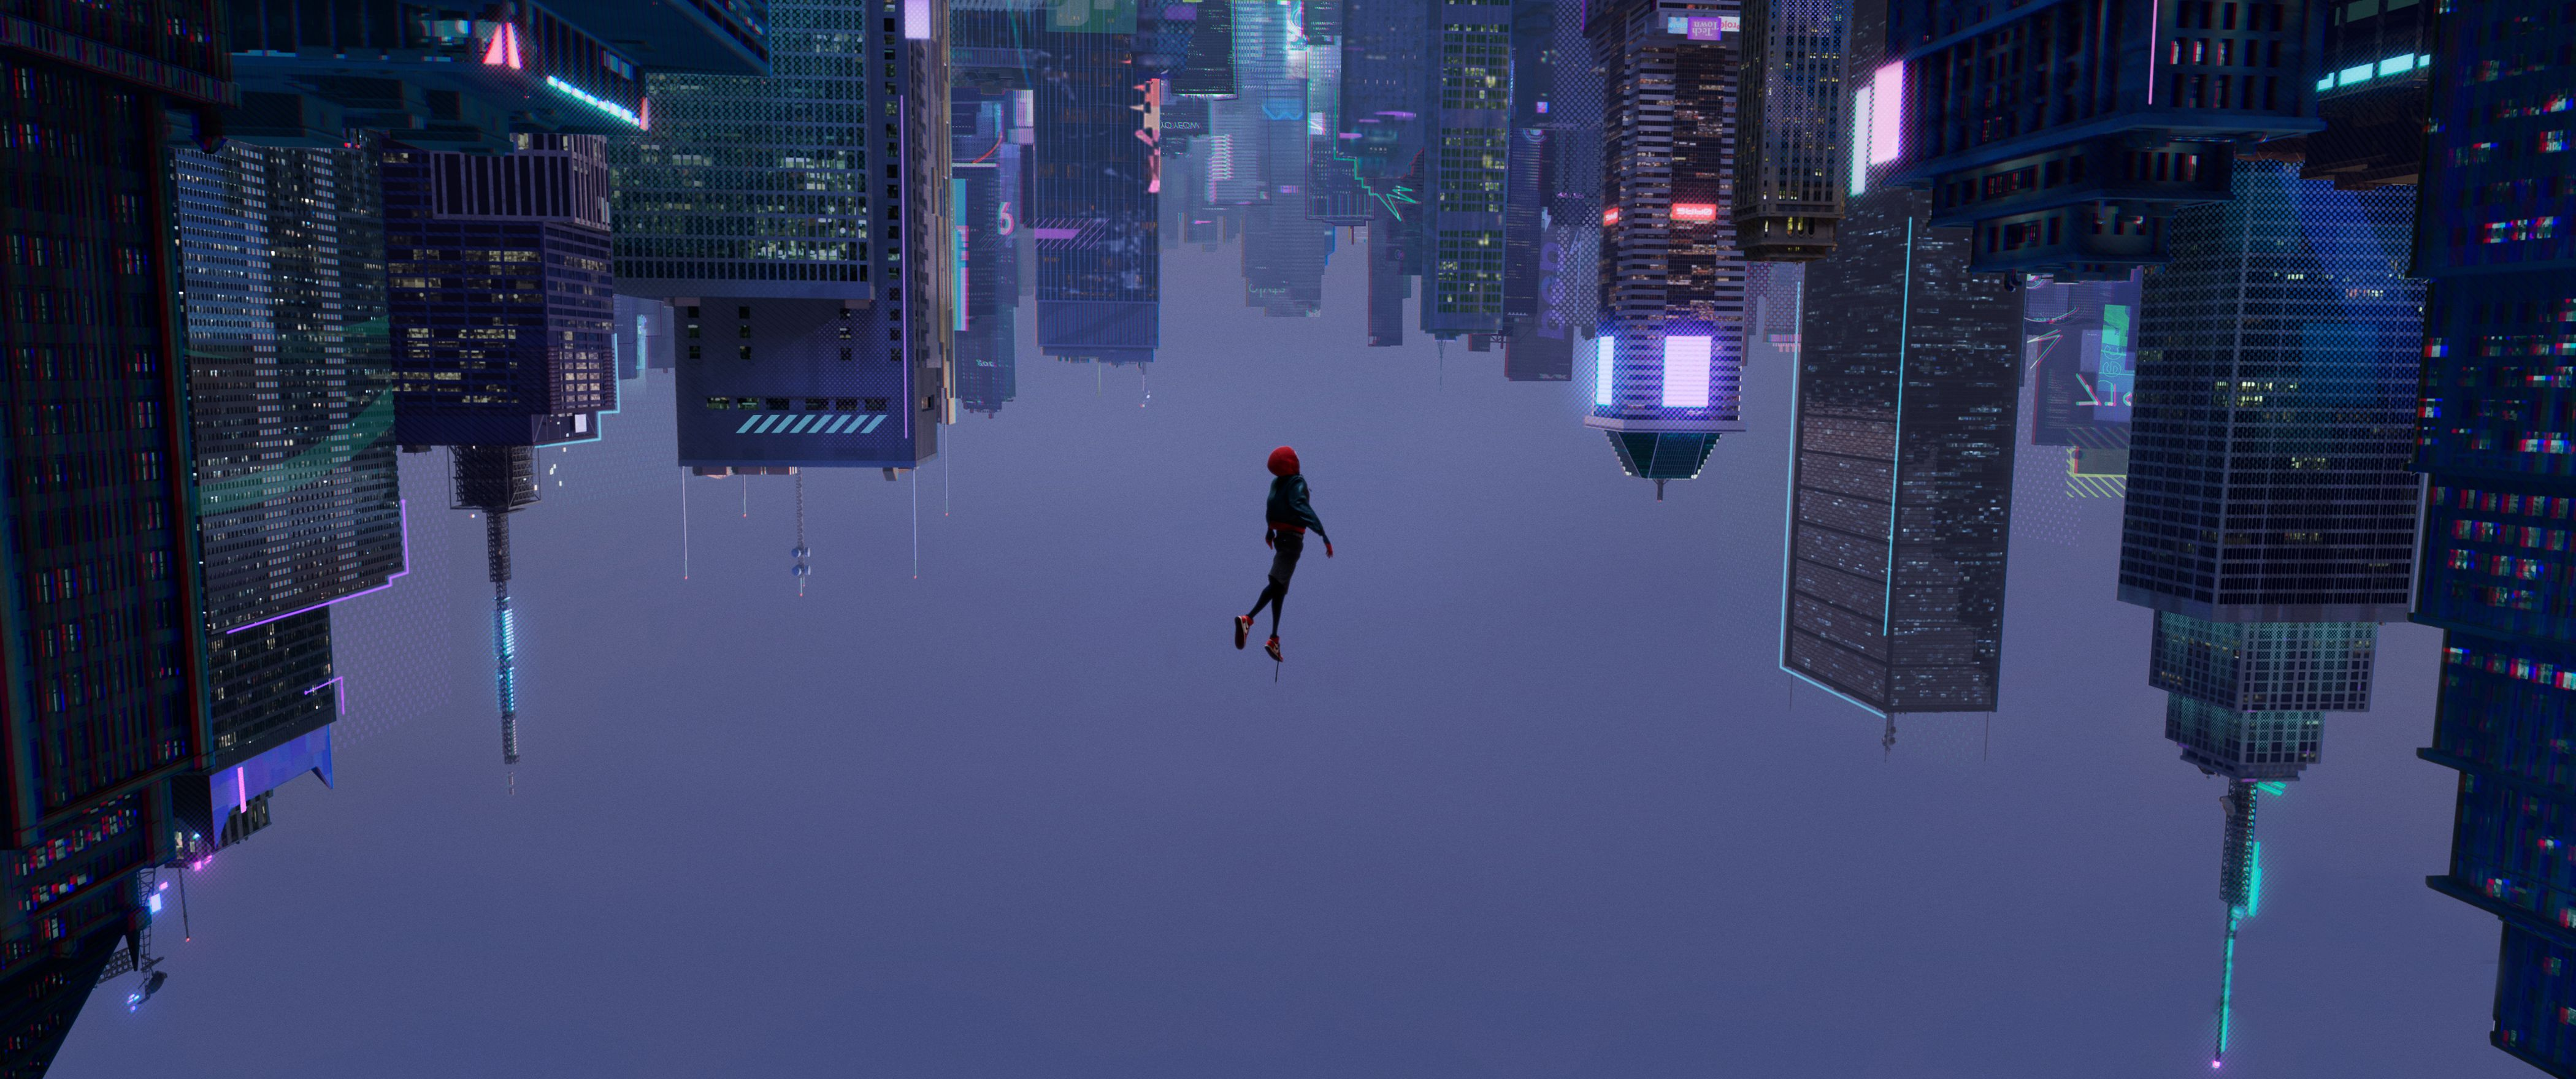 Spider Man Into The Spider Verse 4k Wallpaper Spider Verse 4k